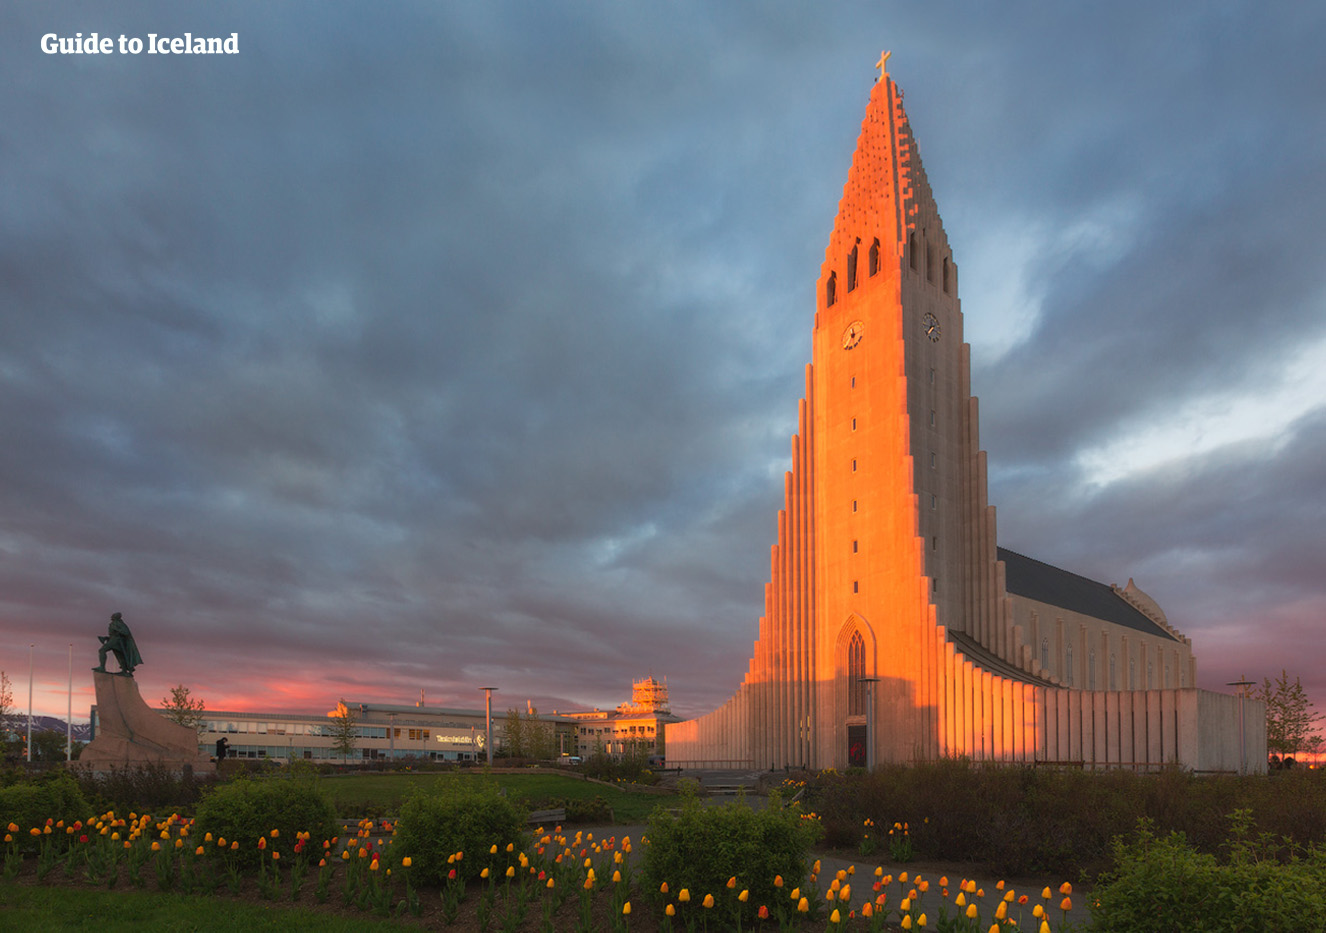 10-дневный тур | Путешествие по кольцевой дороге Исландии и Рейкьявик - day 1